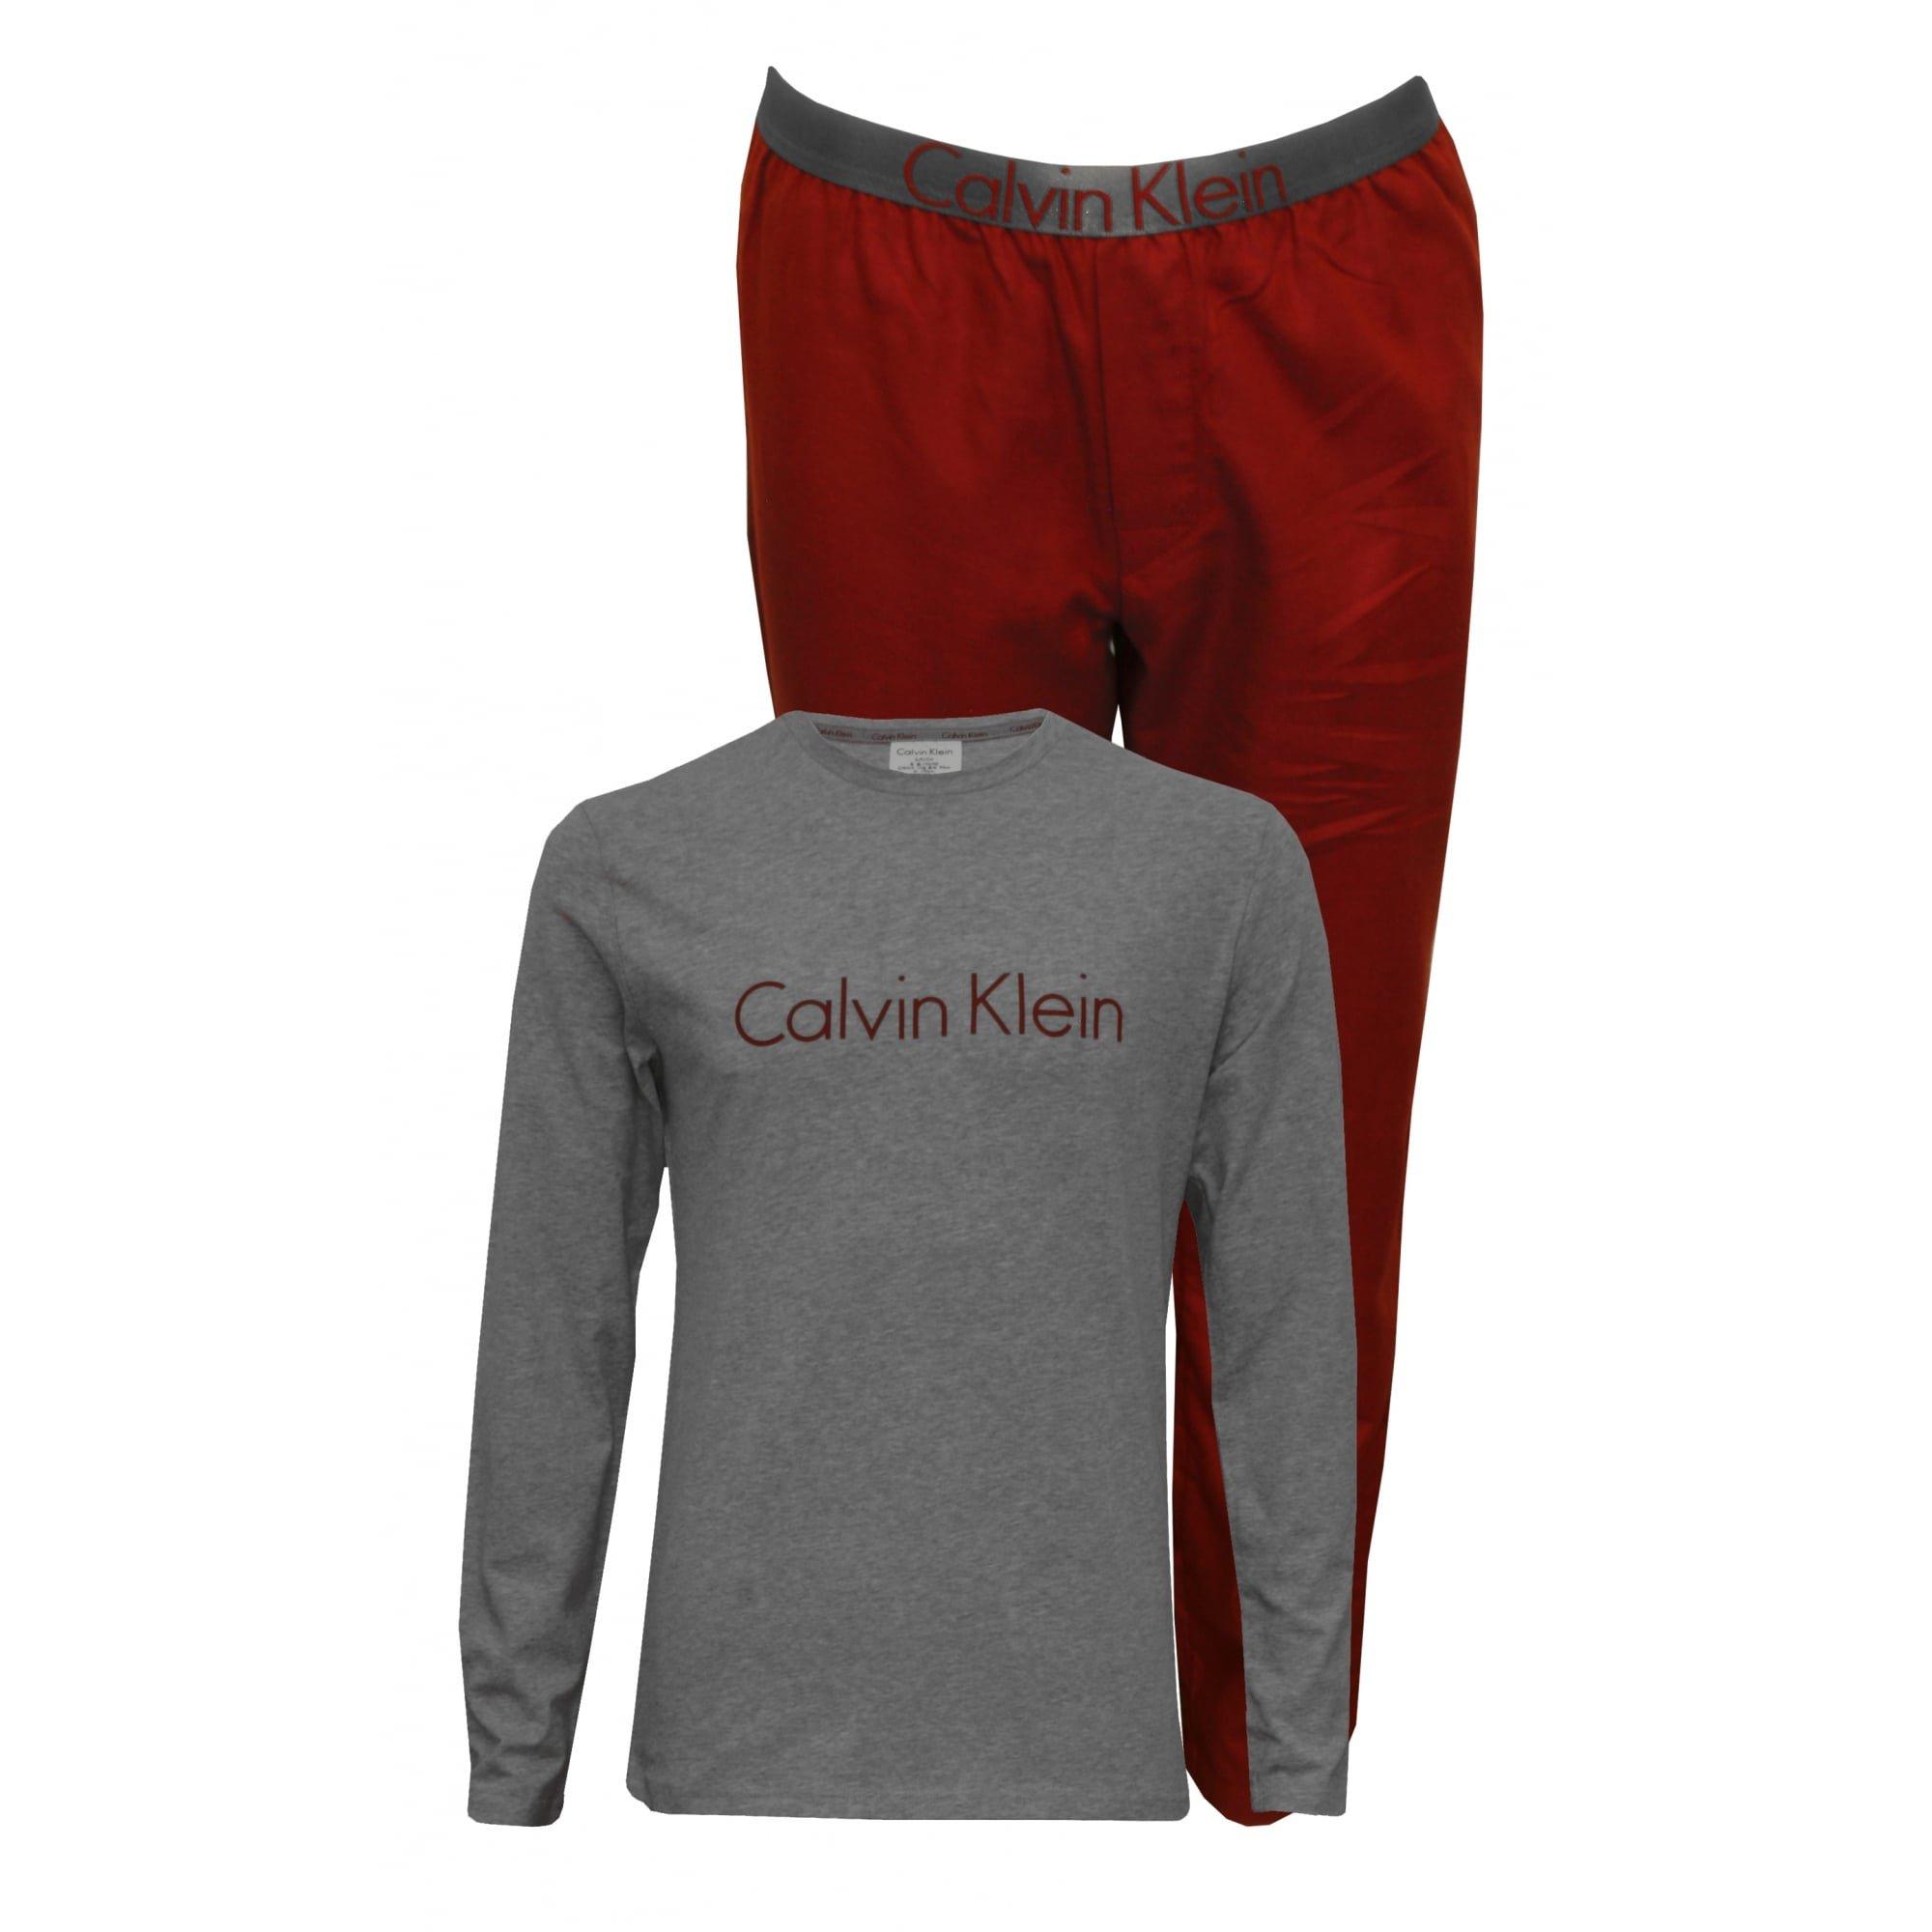 Calvin Klein Boy's Boys Long-Sleeve Jersey Metallic Logo Flannel Pyjama Set, Burgundy/Grey Heather Age 8-10 Burgundy/Grey Heather